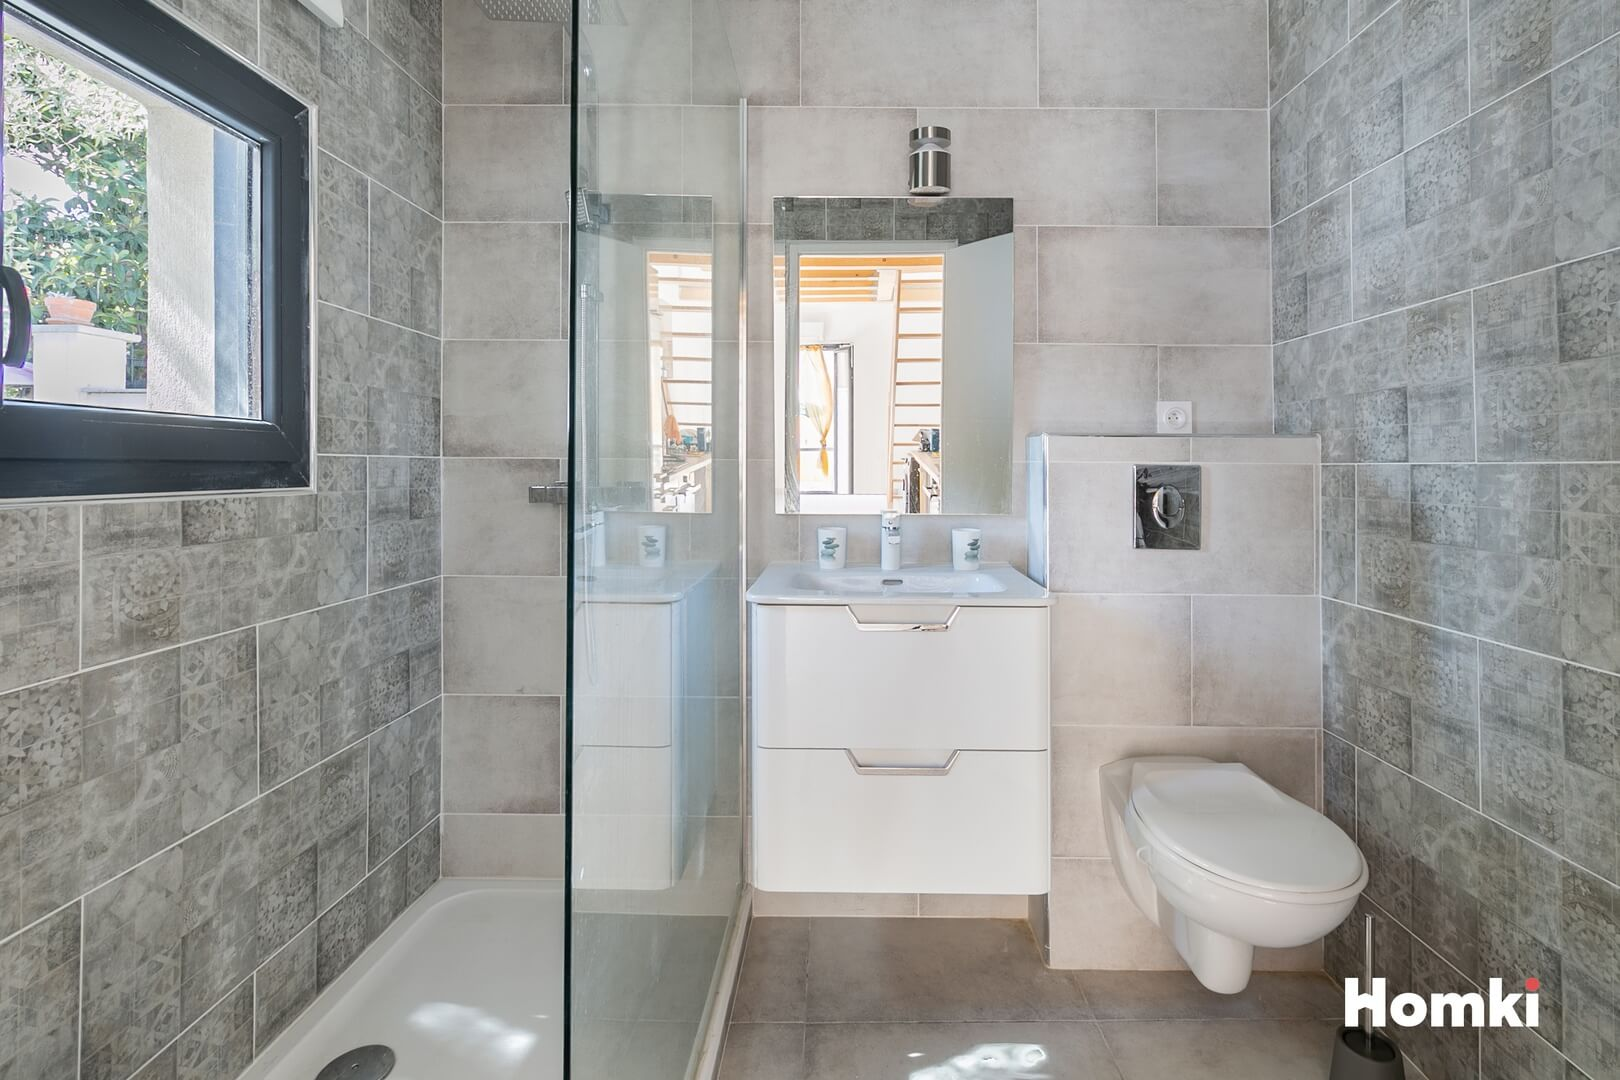 Homki - Vente Maison de ville  de 120.0 m² à Toulon 83200